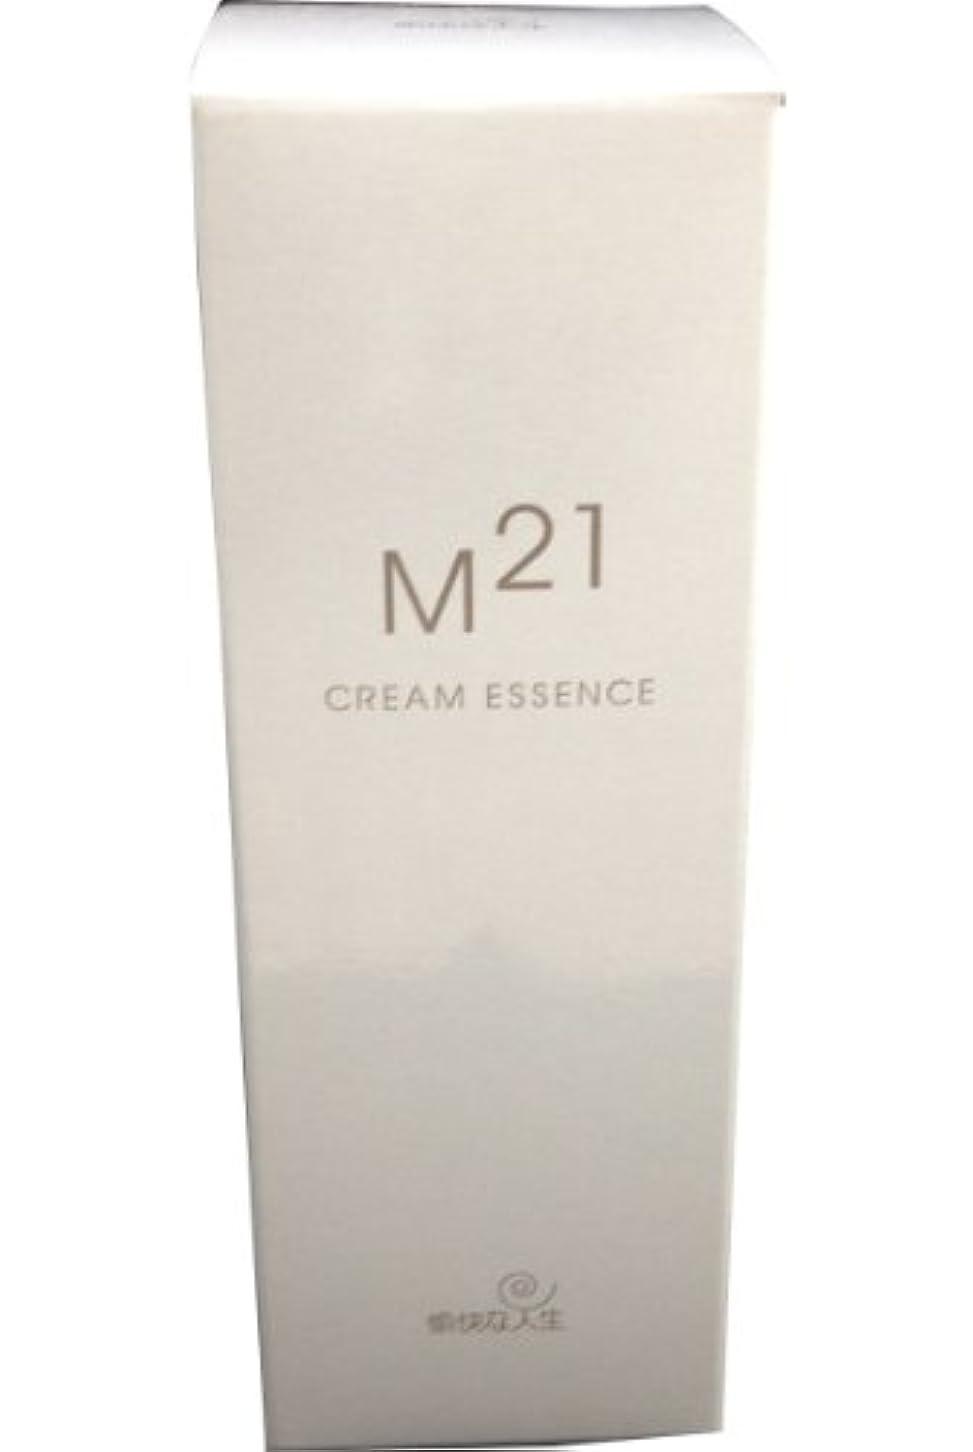 不道徳さようなら訴えるM21クリームエッセンス 自然化粧品M21